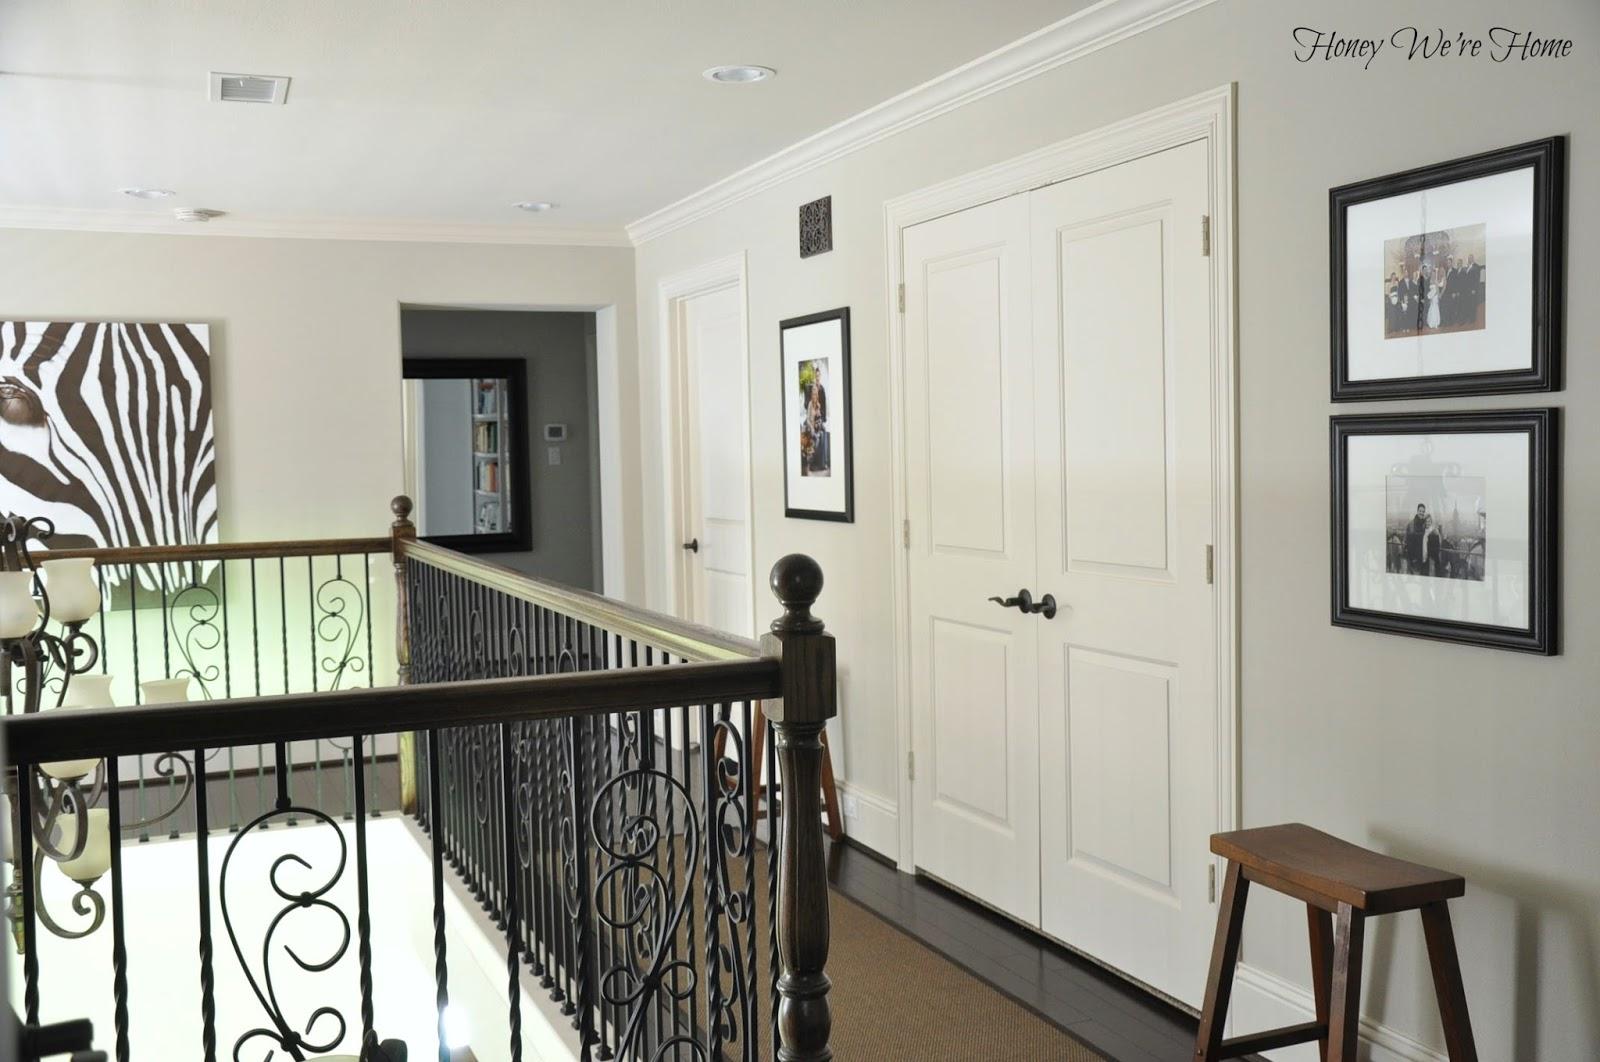 Painted Dark Grey Doors & Painted Dark Grey Doors | Honey Weu0027re Home pezcame.com